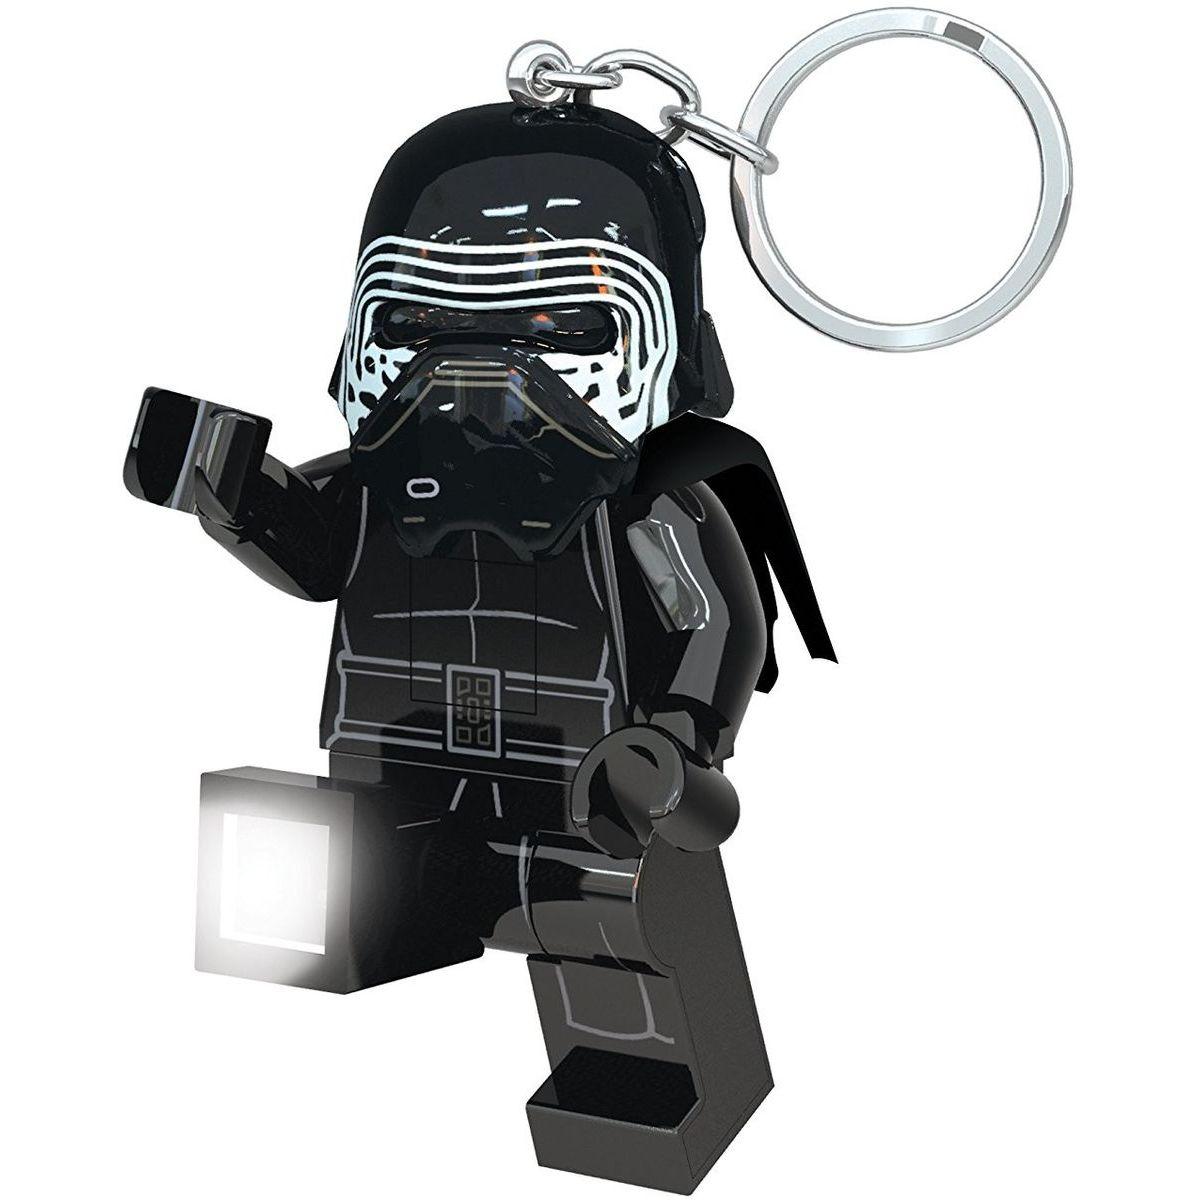 Přívěsek na klíče LGL KE93 LEGO Star Wars Kylo Ren svítící figurka